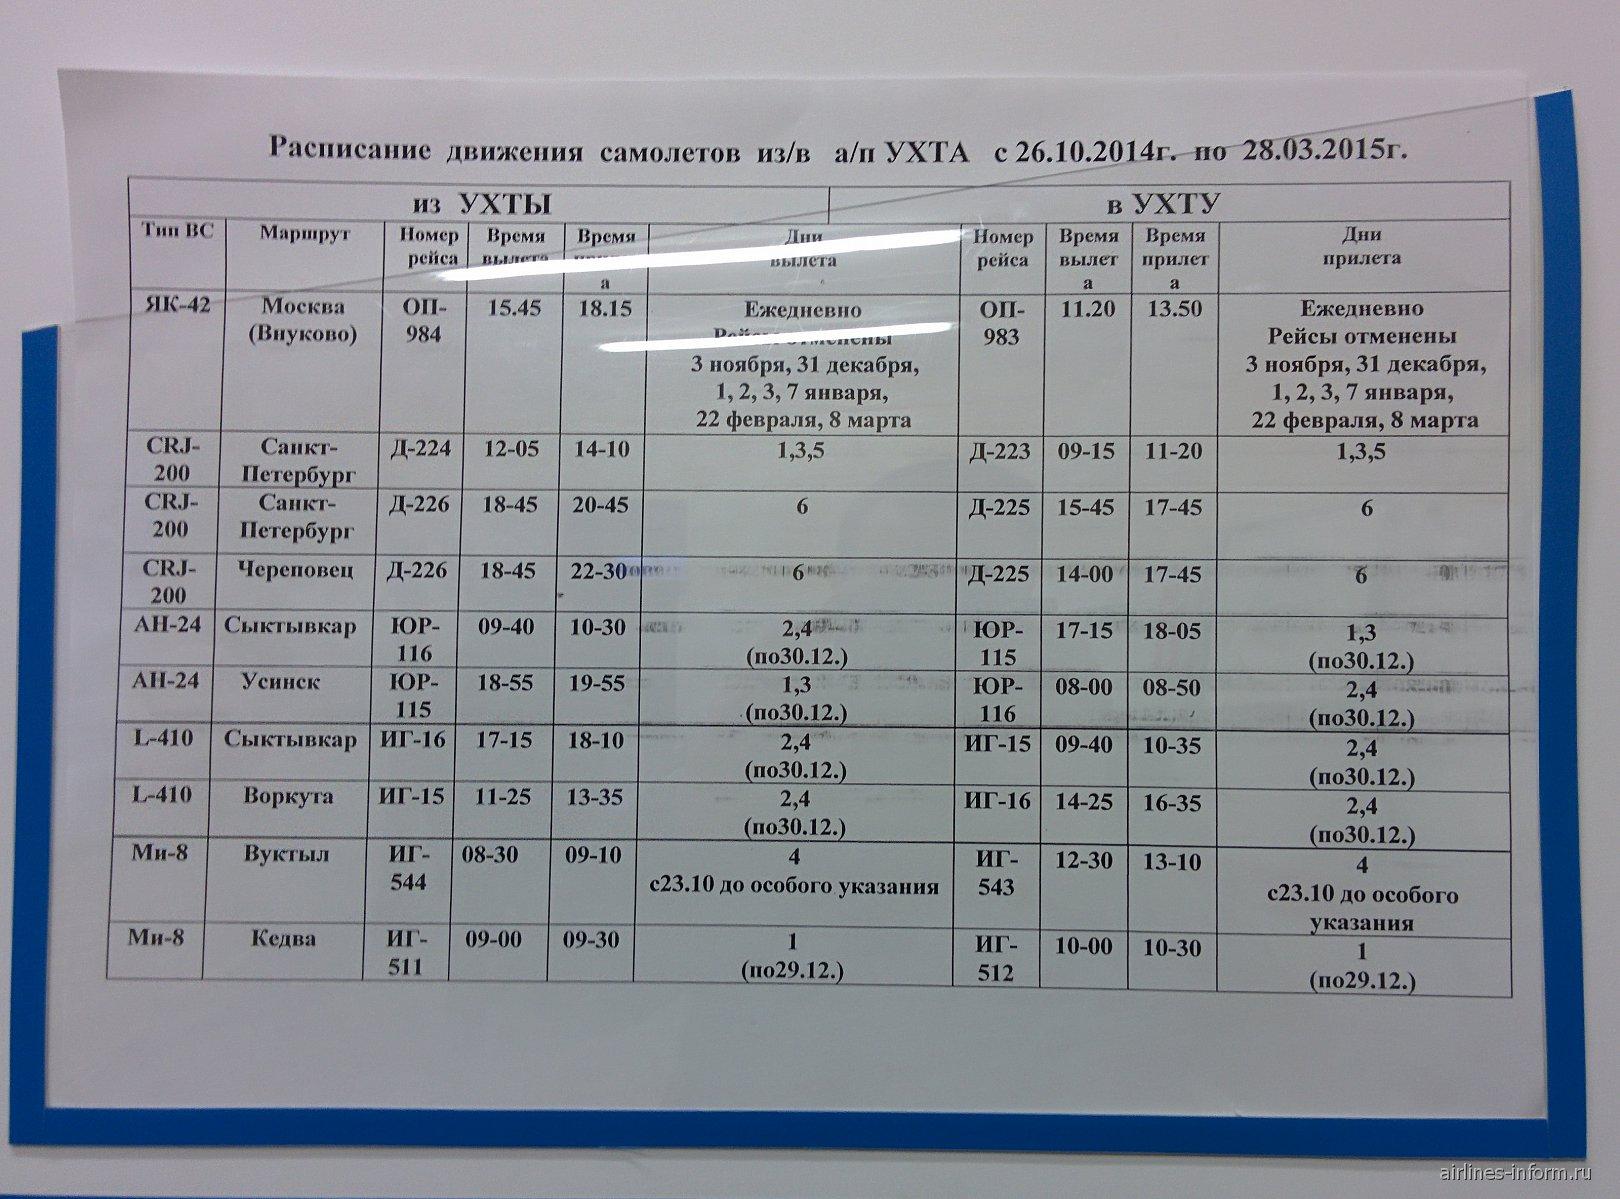 Расписание аэропорта Ухта